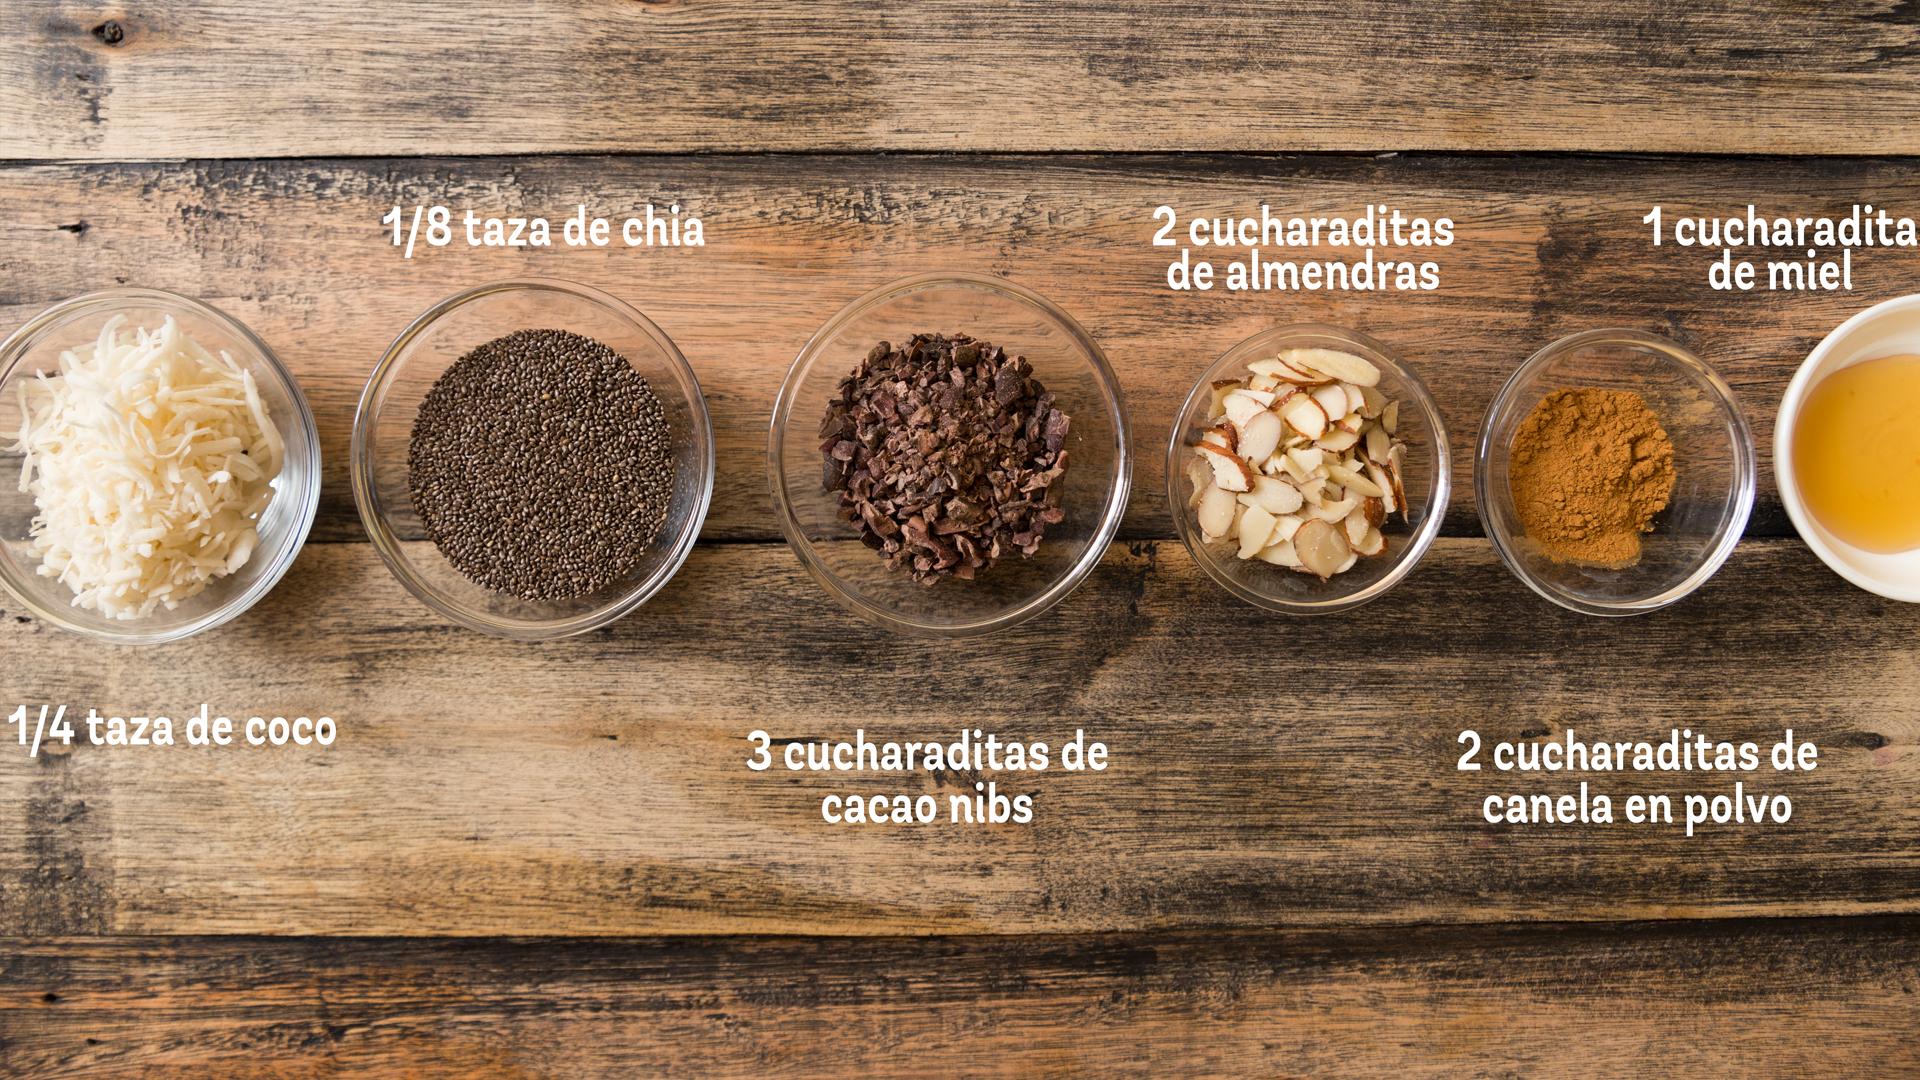 ingredientes2_size.jpg